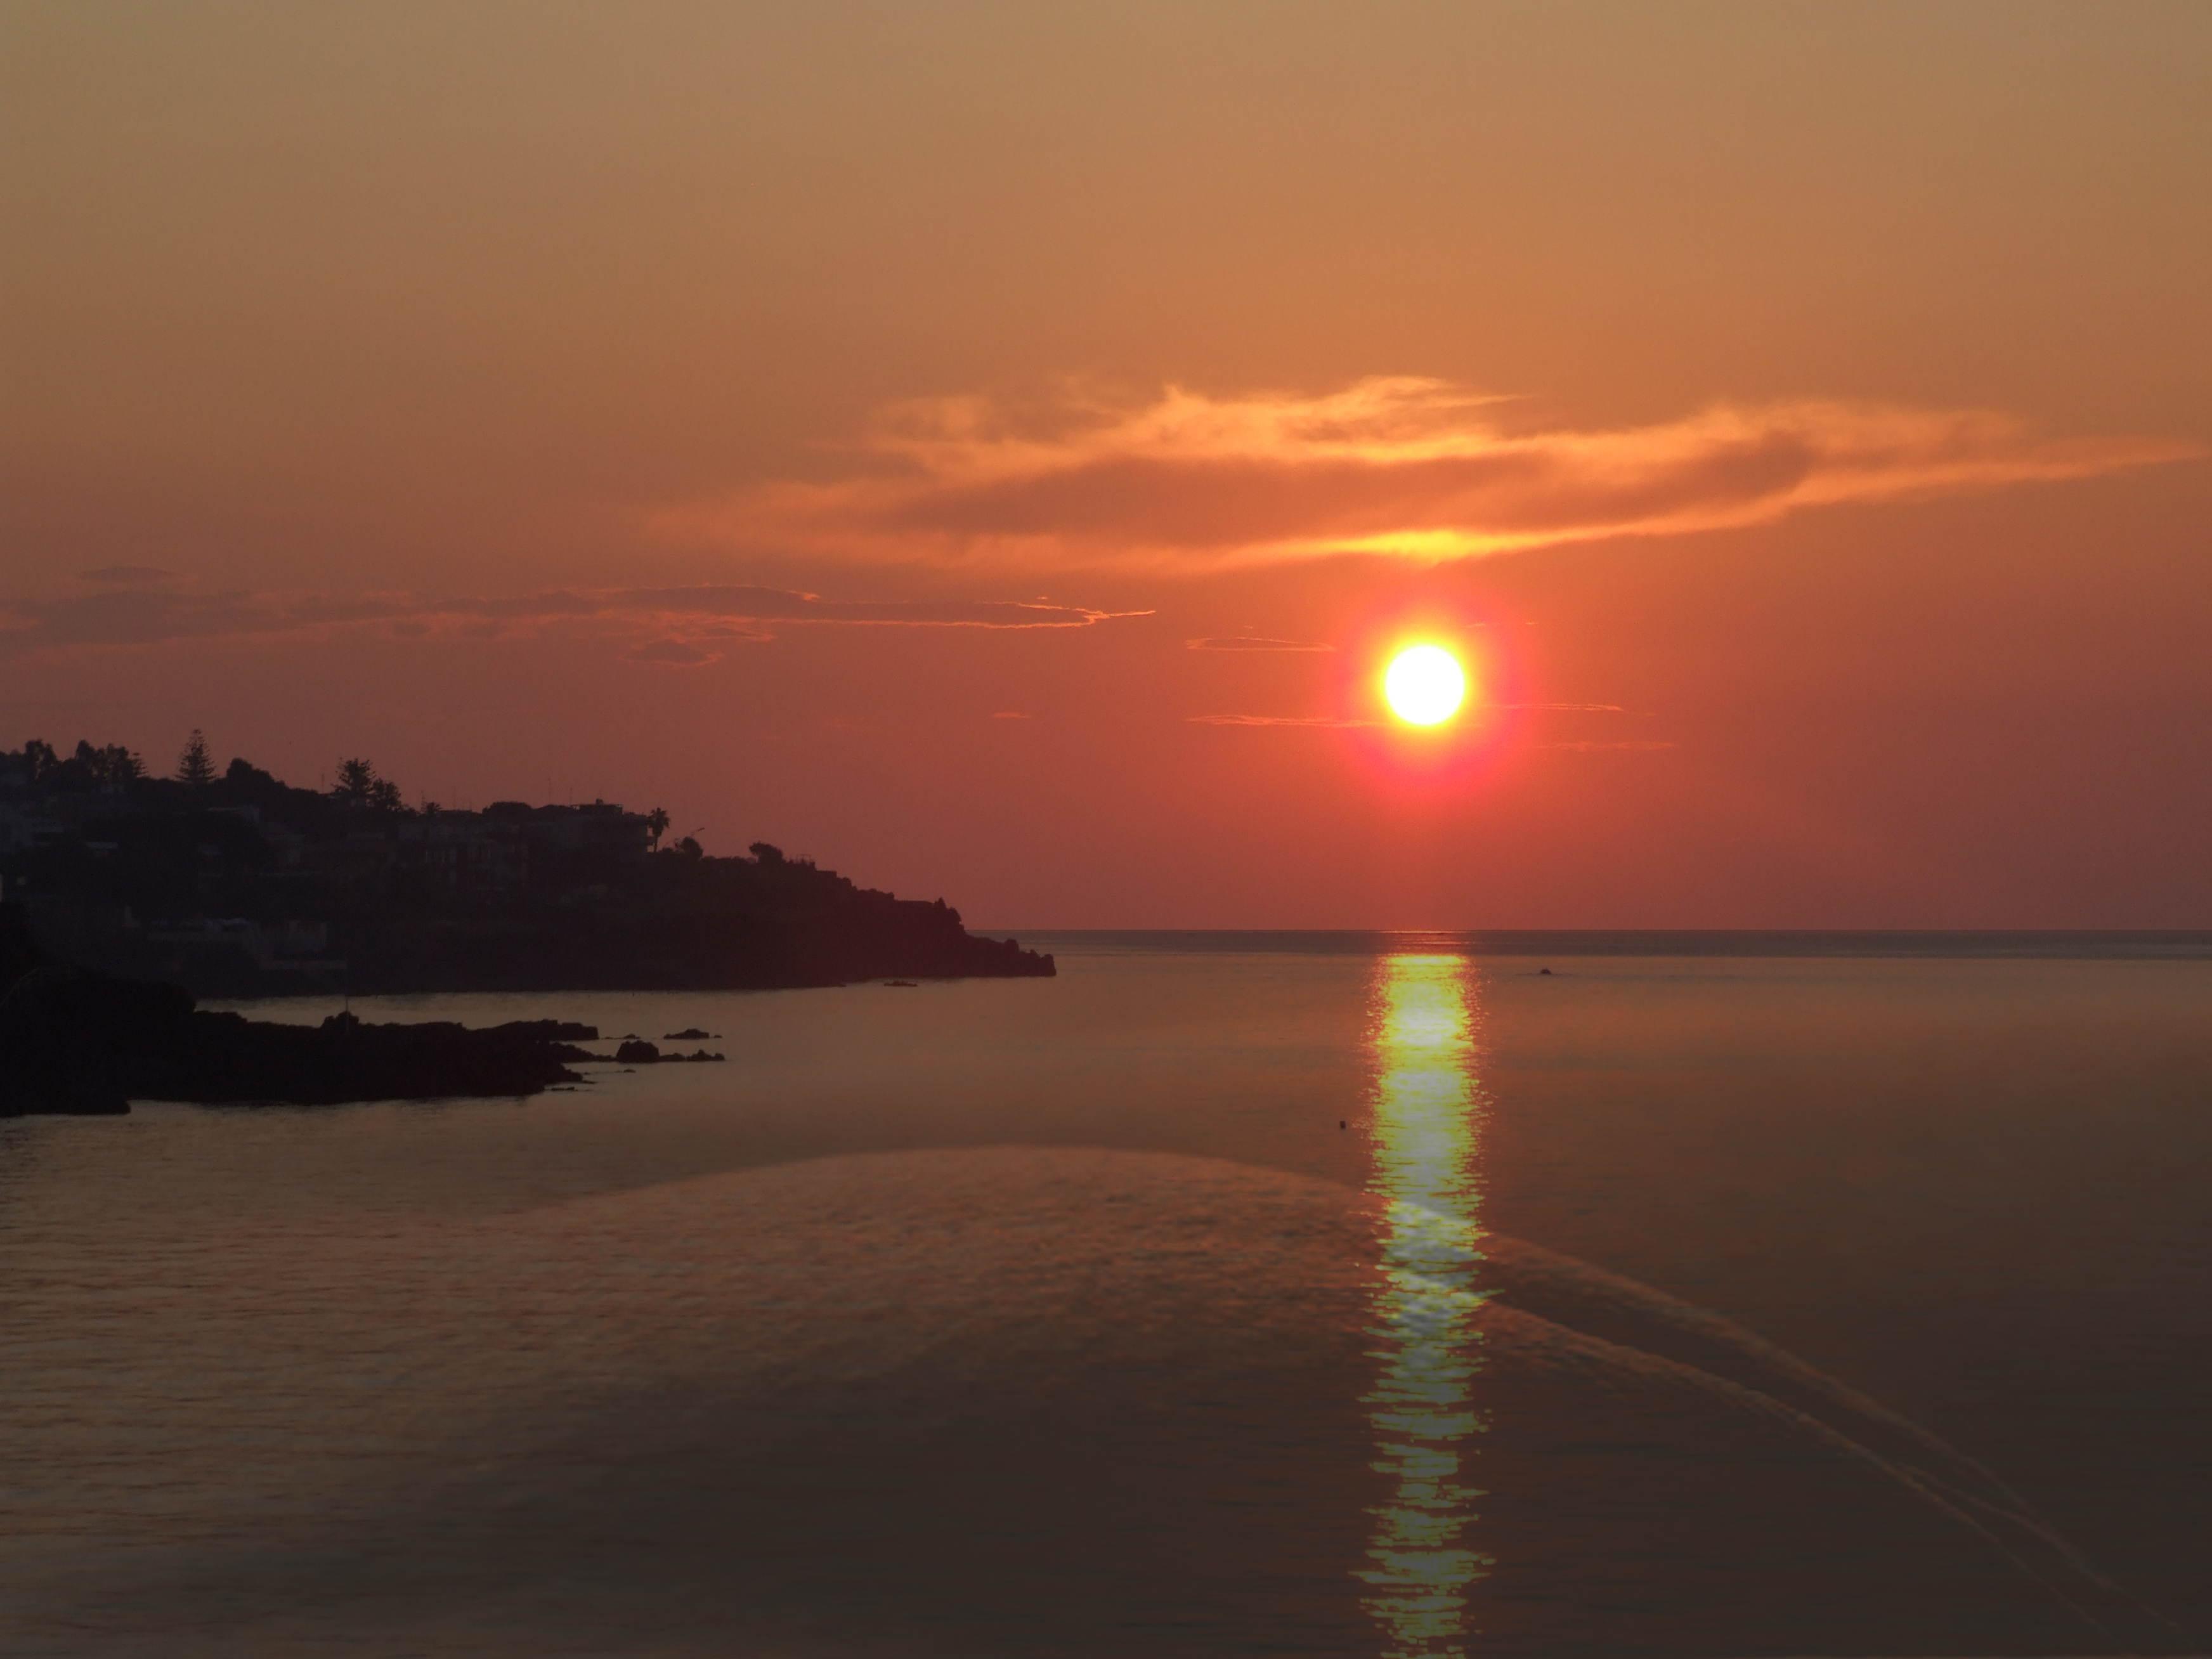 """License Free Photo - Creative Commons by gnuckx, Aci Castello, Sea, Nikon, """"No, HQ Photo"""